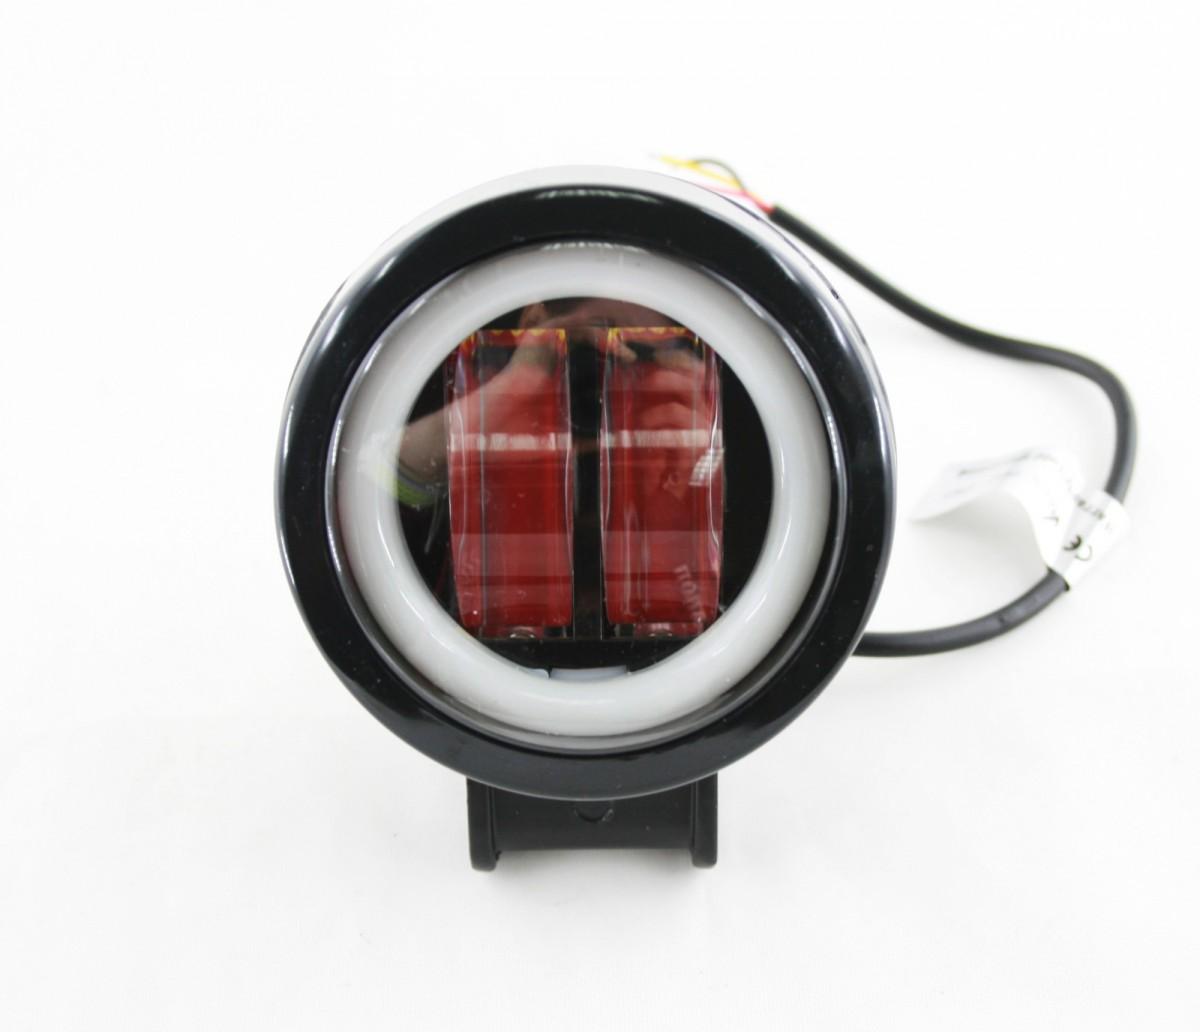 Светодиодная фара Lightway 20W Круг + ДХО (ближний свет, ровная СТГ)